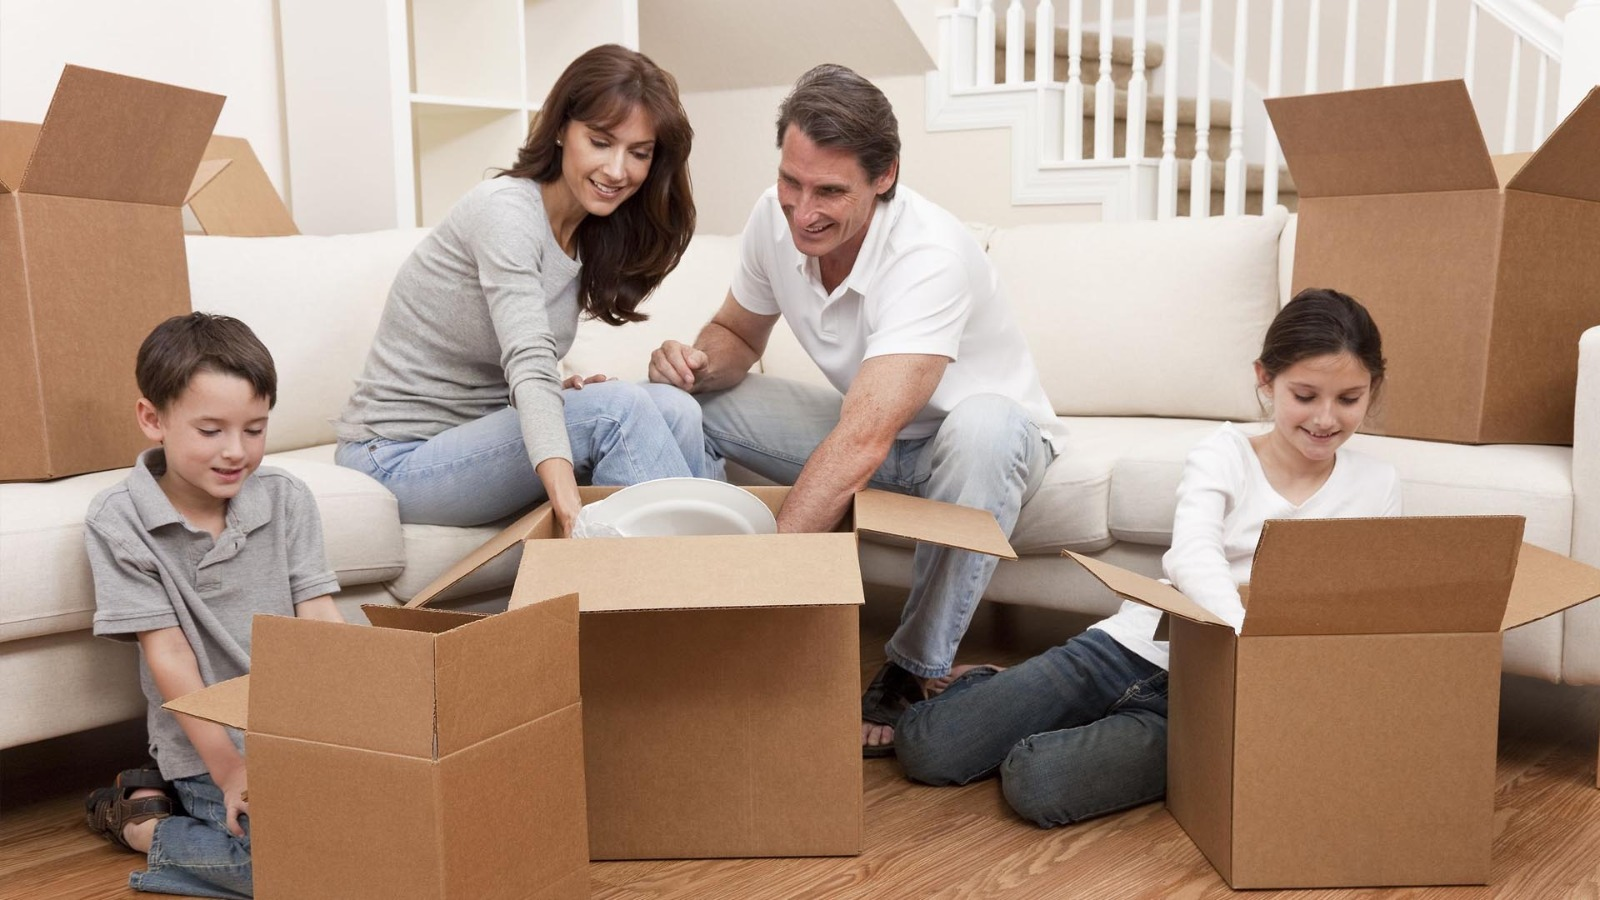 Sfaturi pentru relocarea firmei in cele mai bune conditii